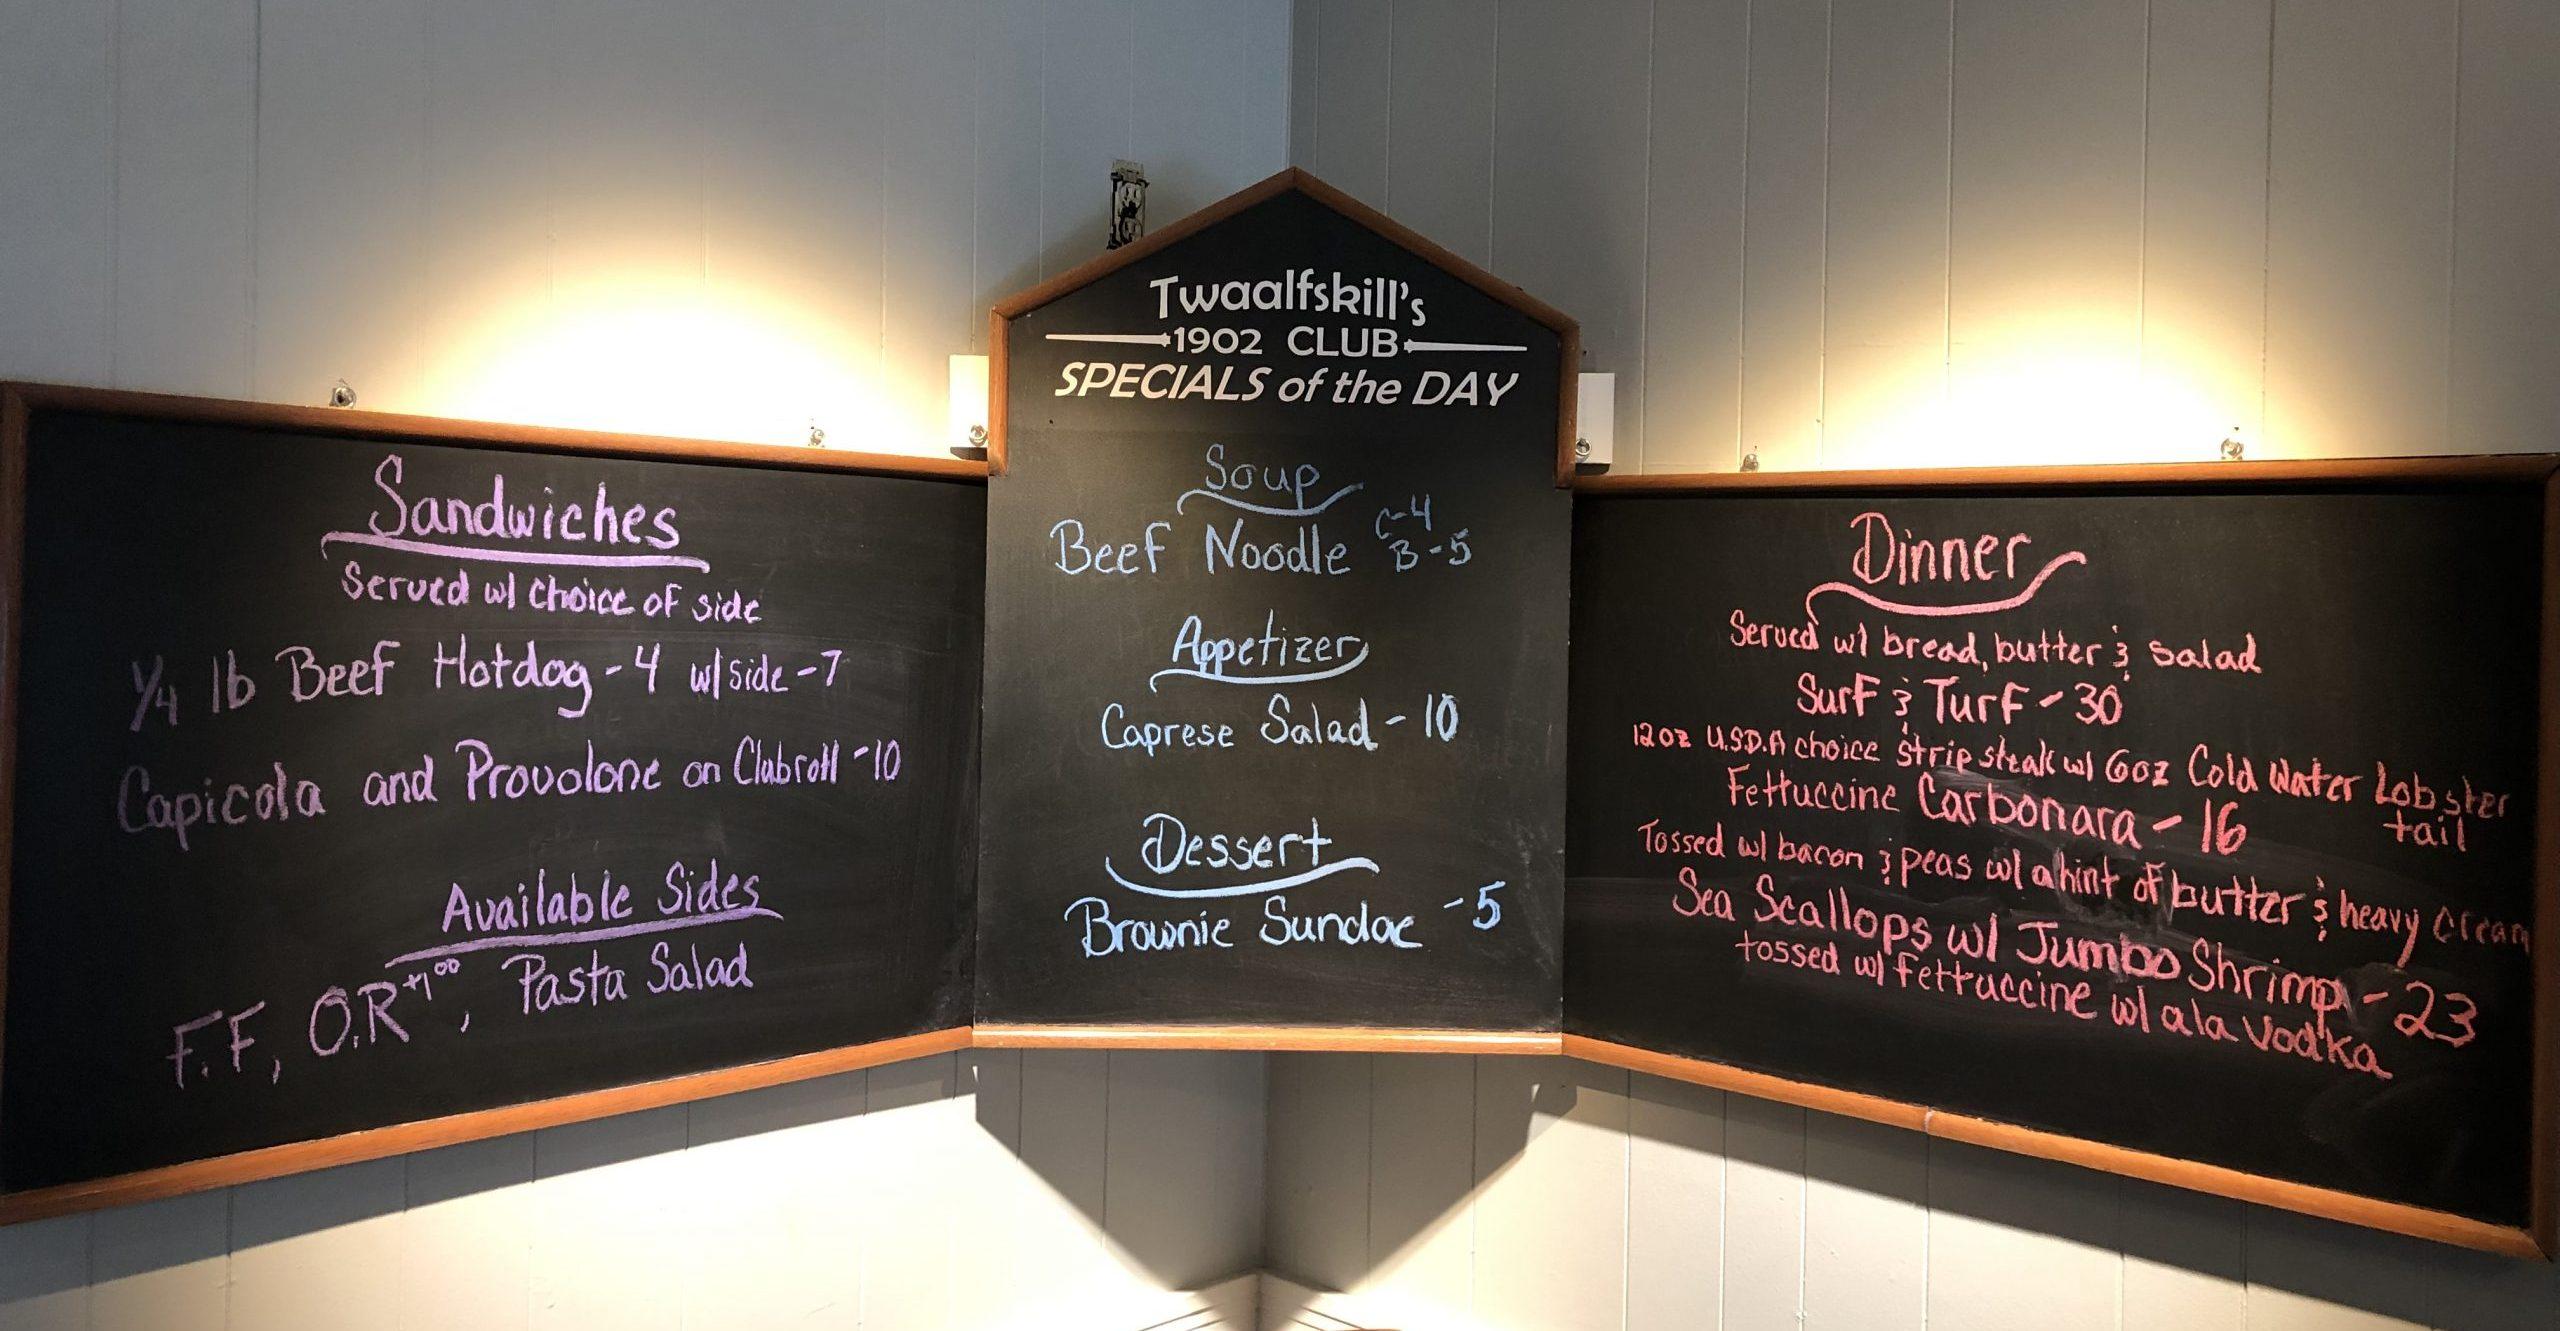 Twaalfskill Club Dining Specials Chalkboard